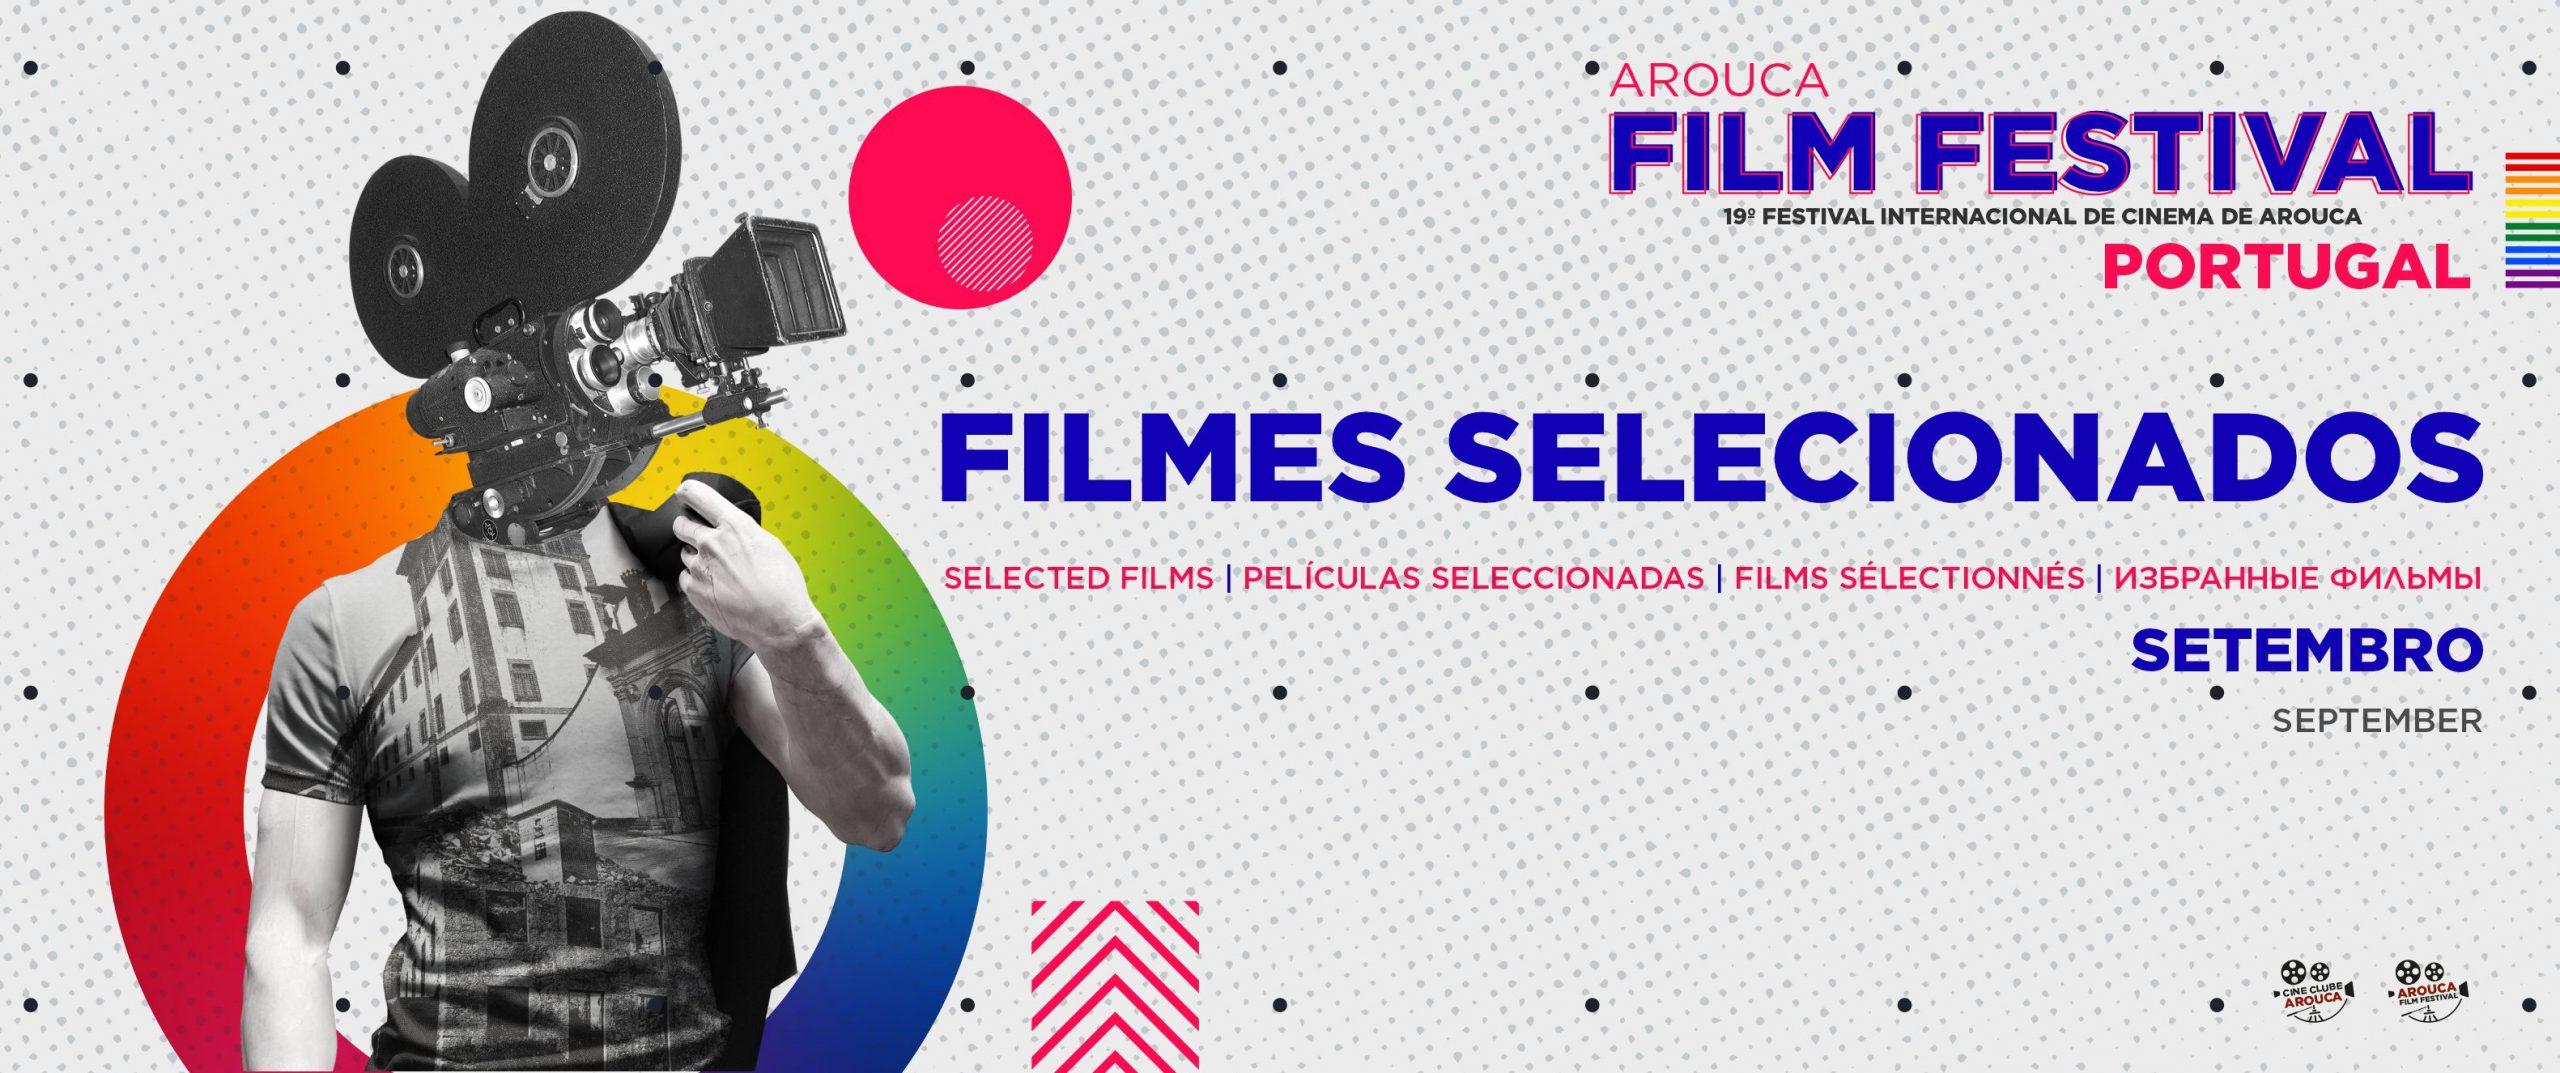 Filmes Selecionados Arouca Film Festival 2021